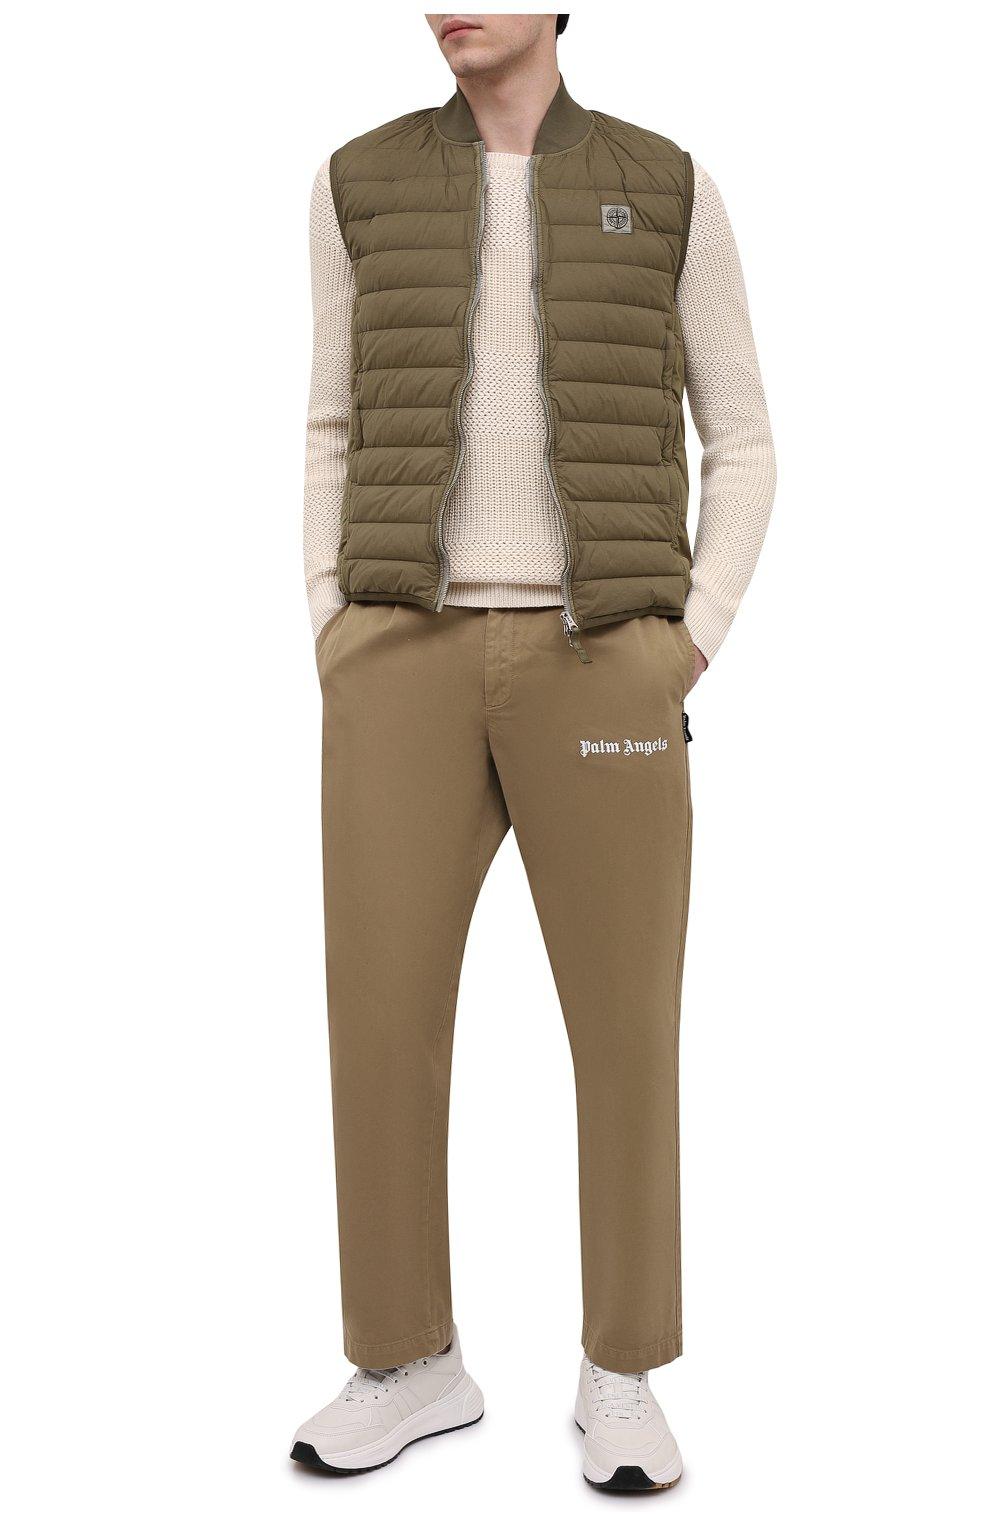 Мужской пуховый жилет STONE ISLAND хаки цвета, арт. 7415G0225   Фото 2 (Кросс-КТ: Куртка, Пуховик; Материал внешний: Синтетический материал; Материал подклада: Синтетический материал; Длина (верхняя одежда): Короткие; Материал утеплителя: Пух и перо; Стили: Кэжуэл)